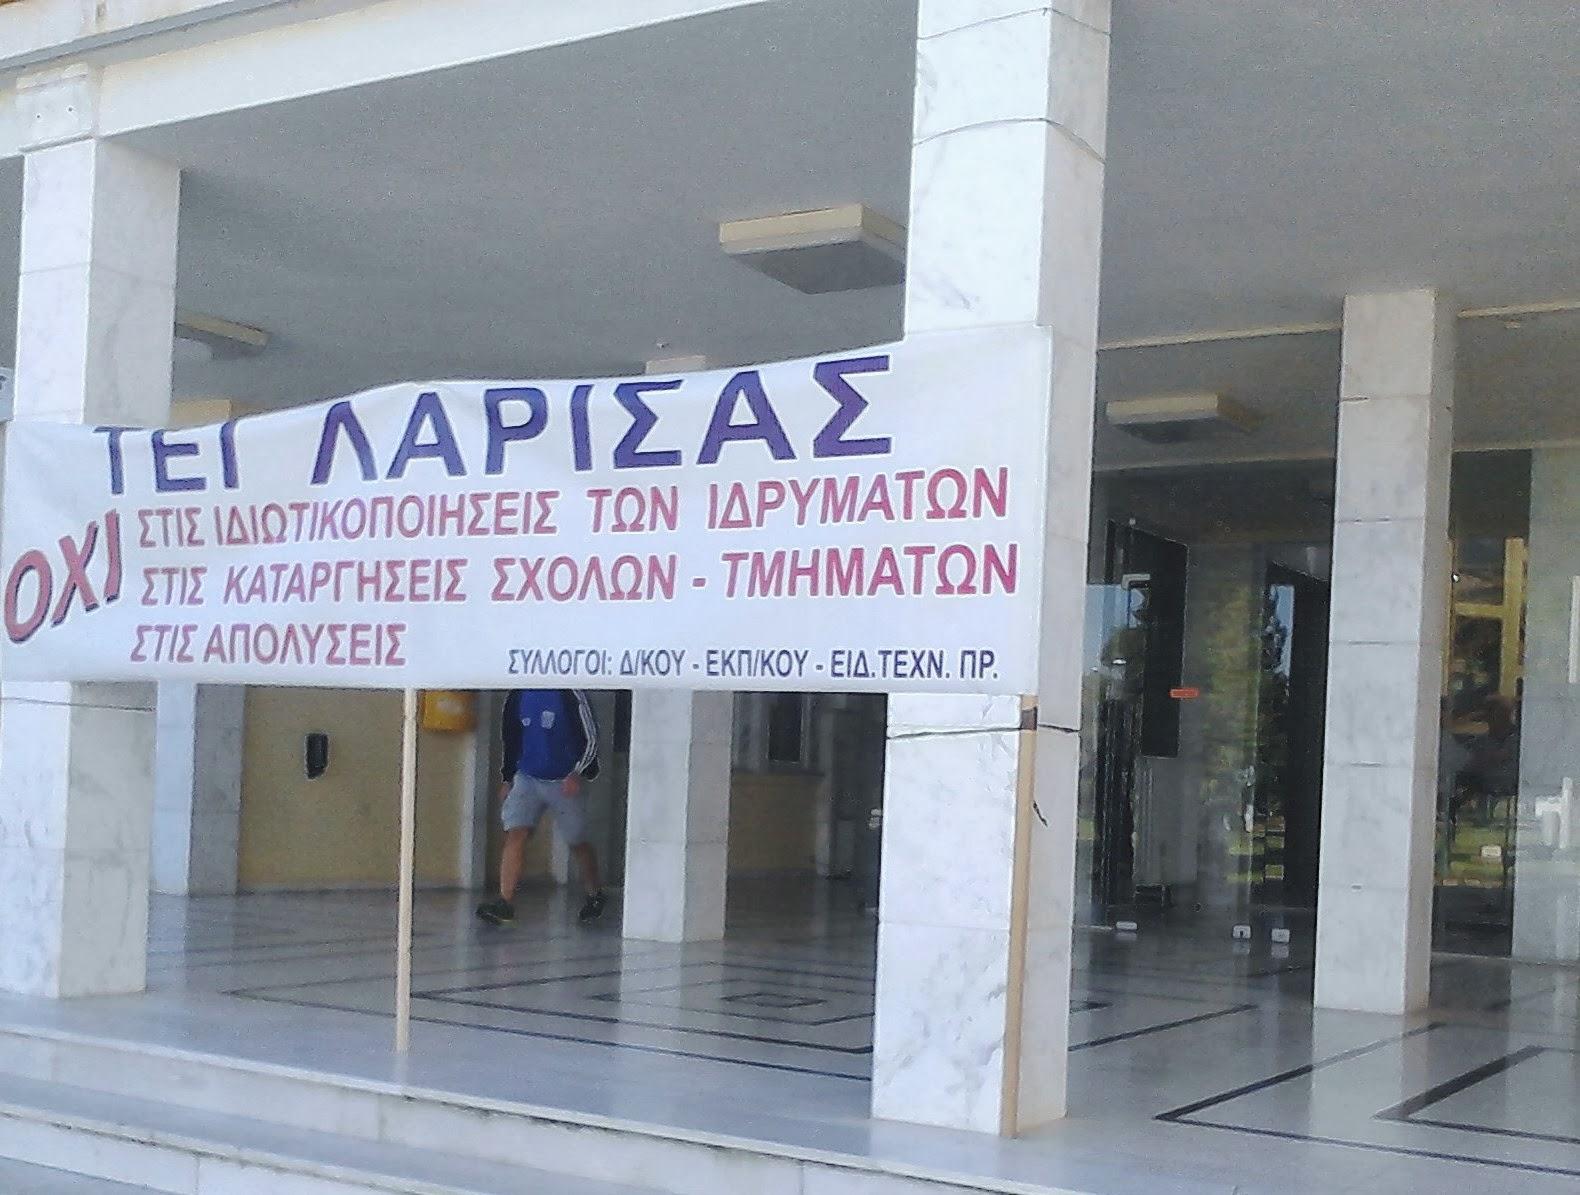 ΤΕΙ Θεσσαλίας » Απεργιακή ενημέρωση